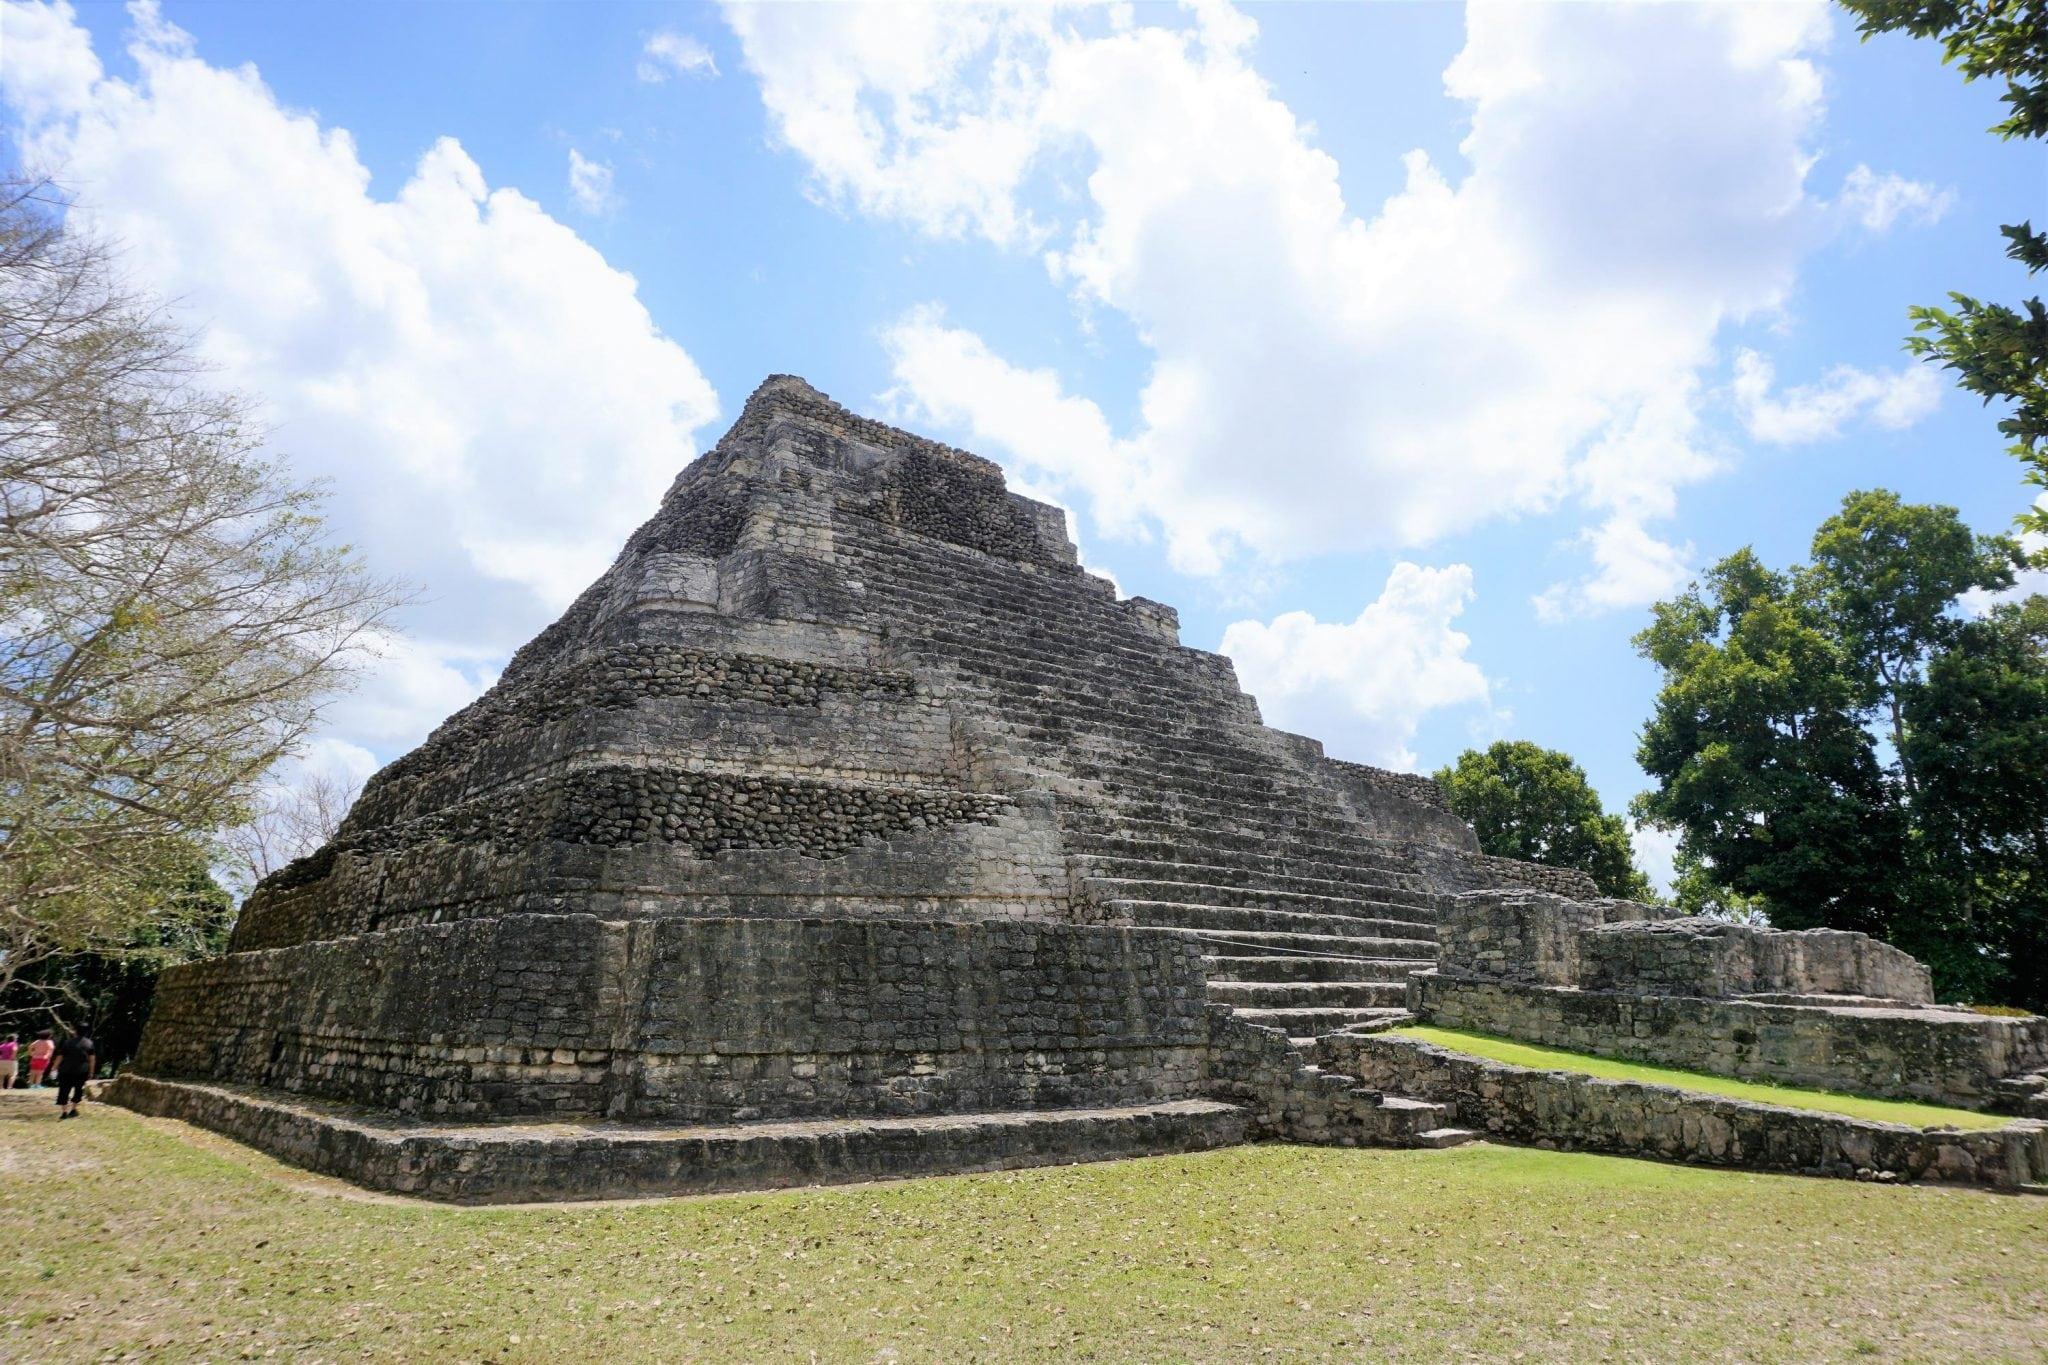 Chacchoben Mayan Ruins Excursion